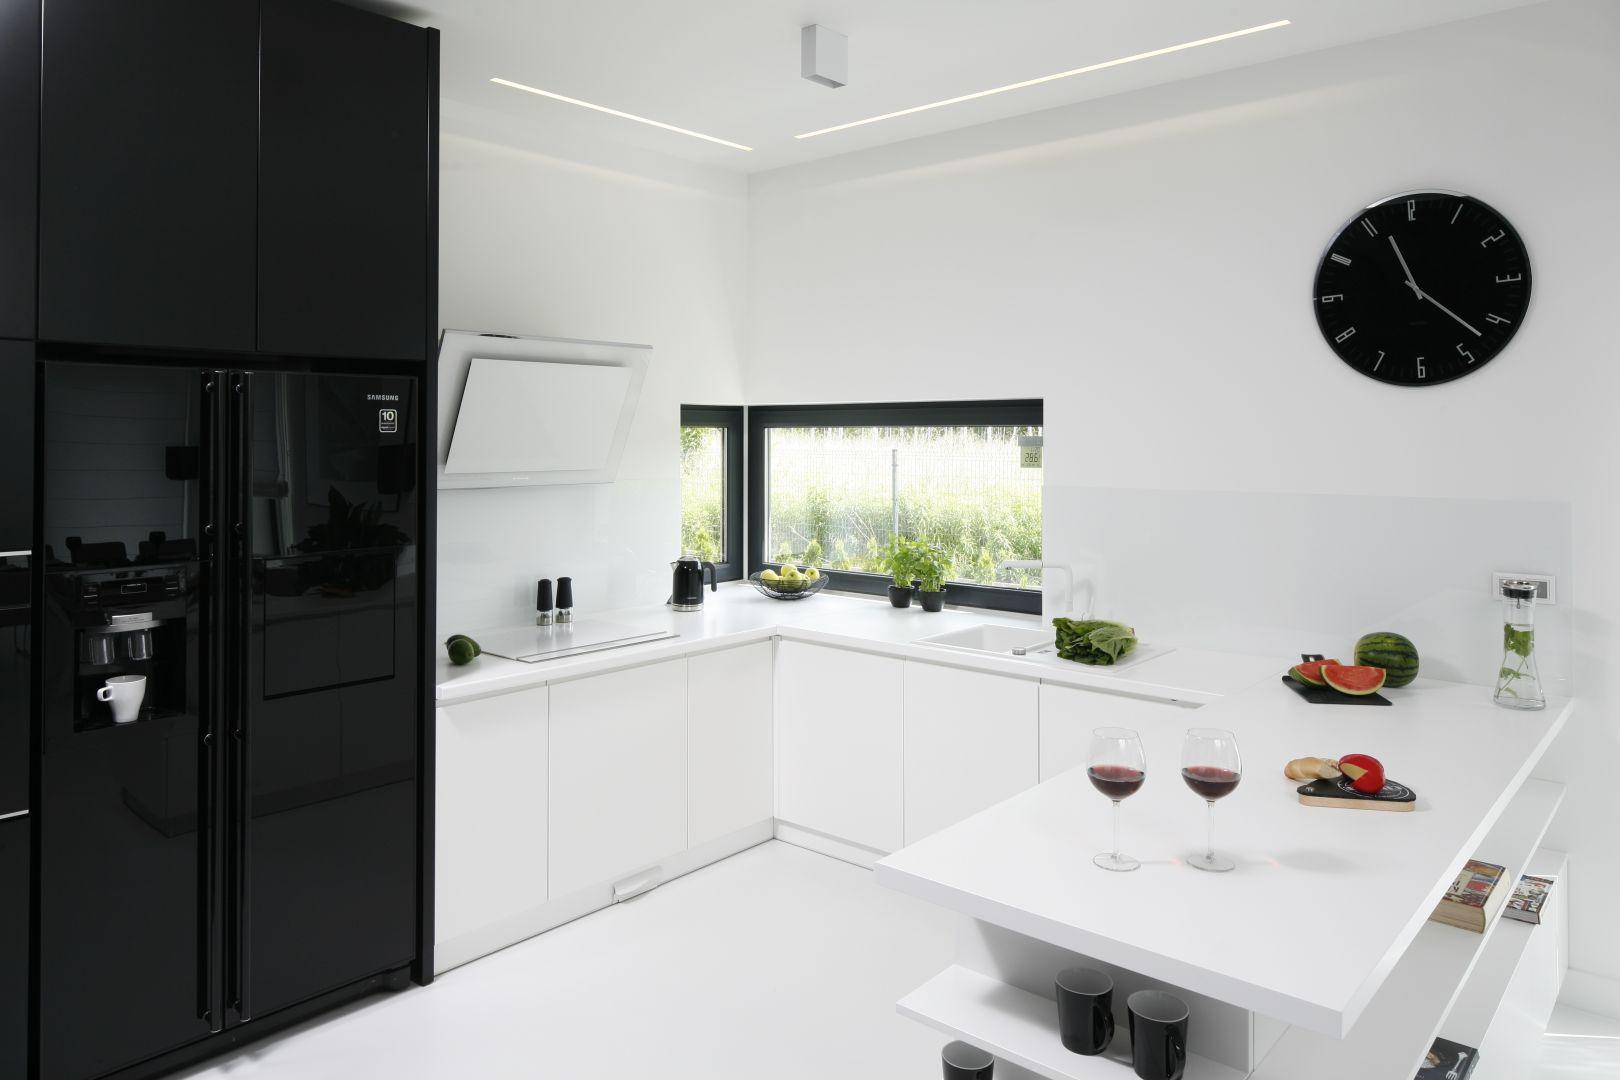 Szczególnie w nowocześnie urządzonych kuchniach, prym wiodą jasne barwy. Projekt Ewelina Pik, Maria Biegańska. Fot. Bartosz Jarosz.